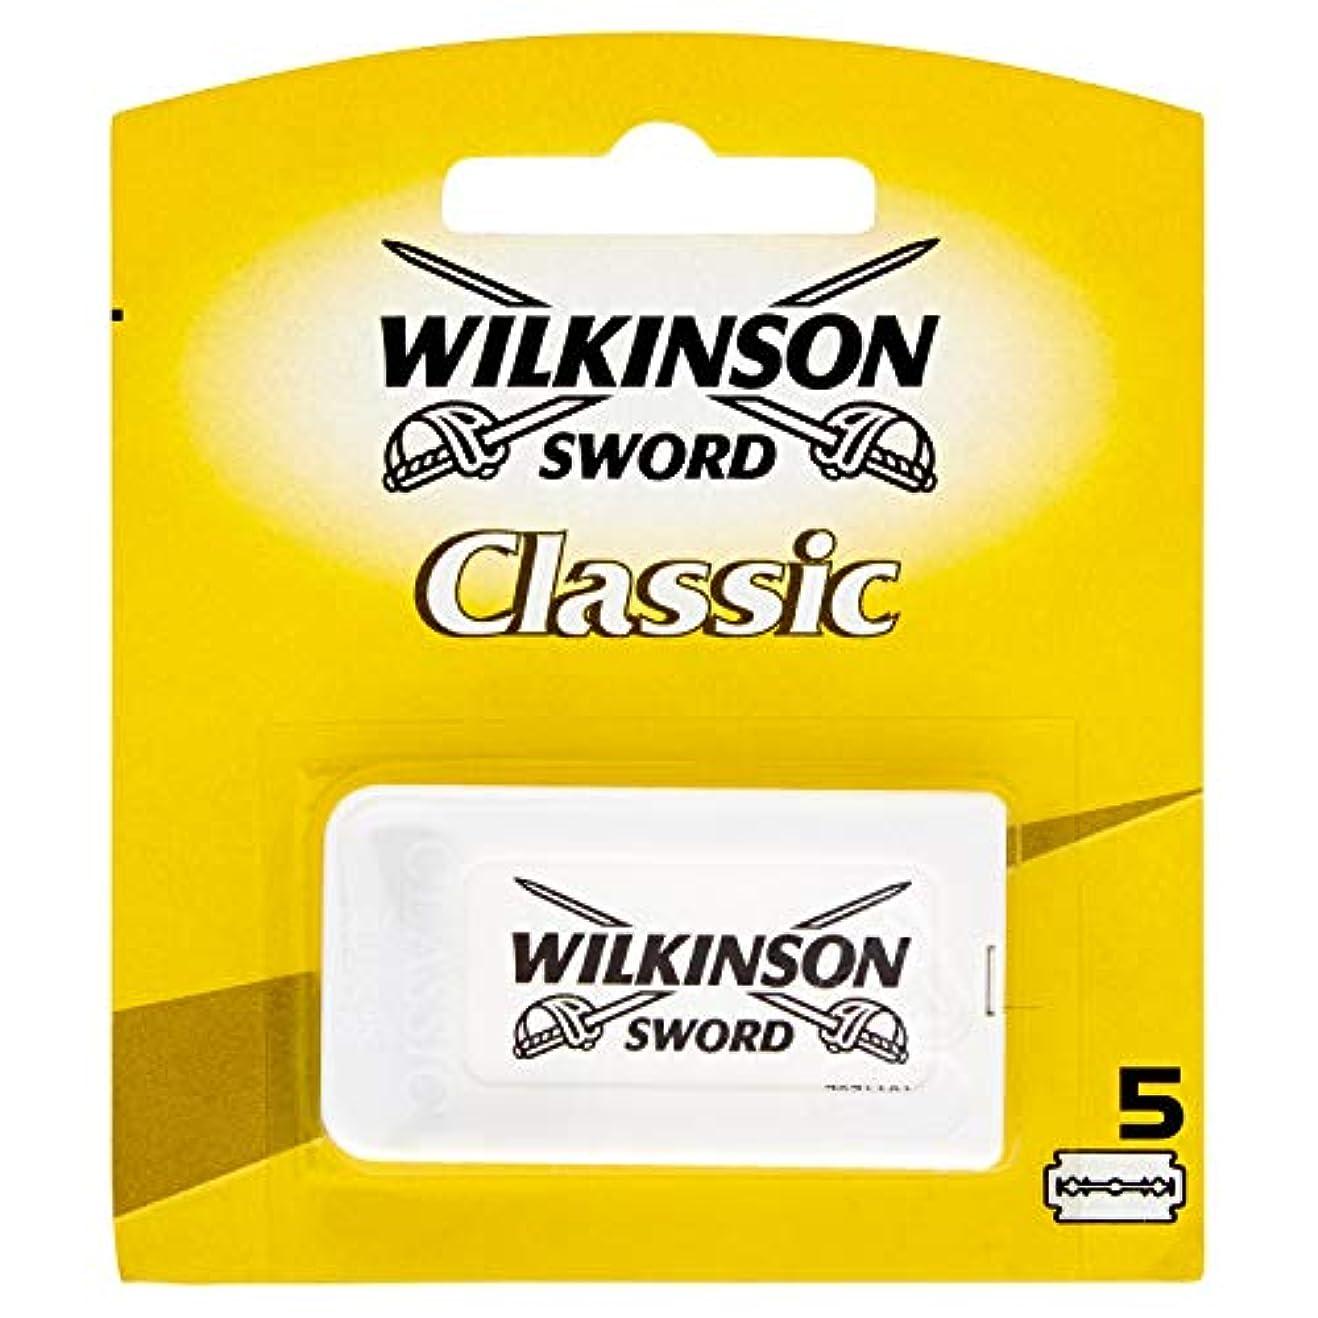 付属品害代理店Wilkinson Sword(ウィルキンソンソード) Classic 両刃替刃 5個入り [並行輸入品]